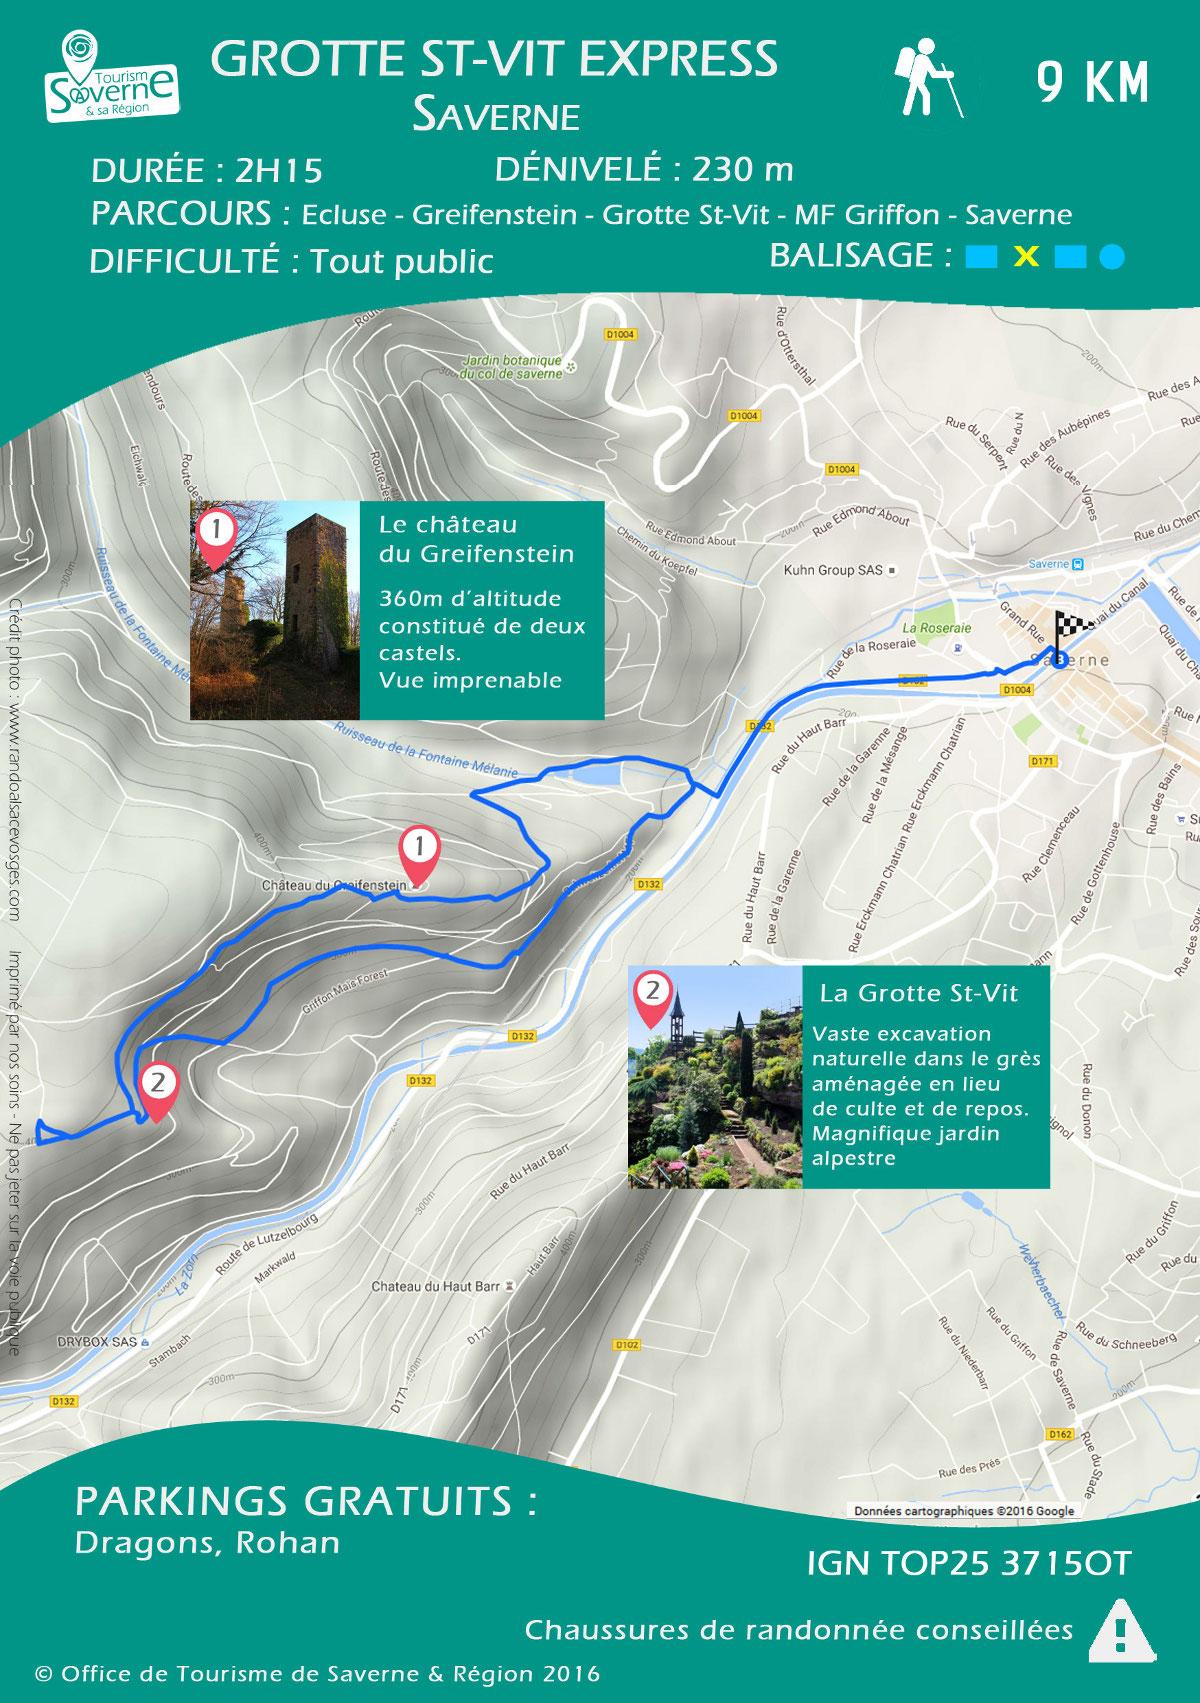 Fiche randonnée Grotte Saint-Vit Express